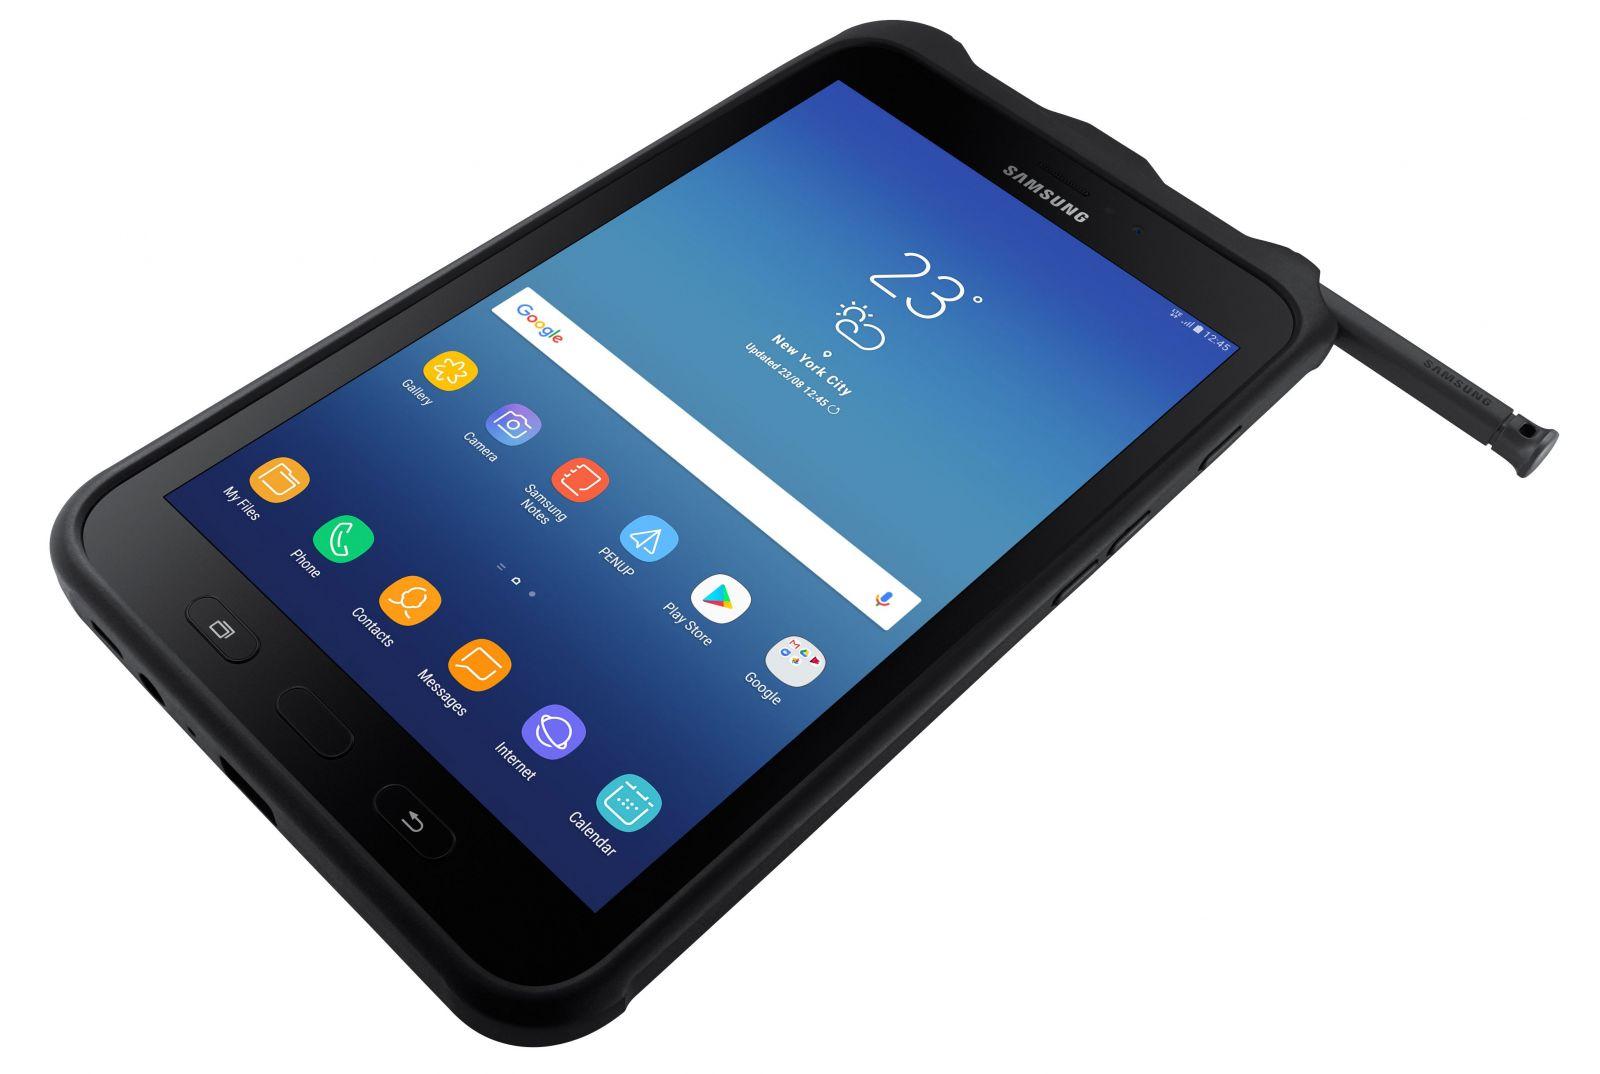 Samsung predstavil novy tablet pre firemne pouzitie Galaxy Tab Active2.